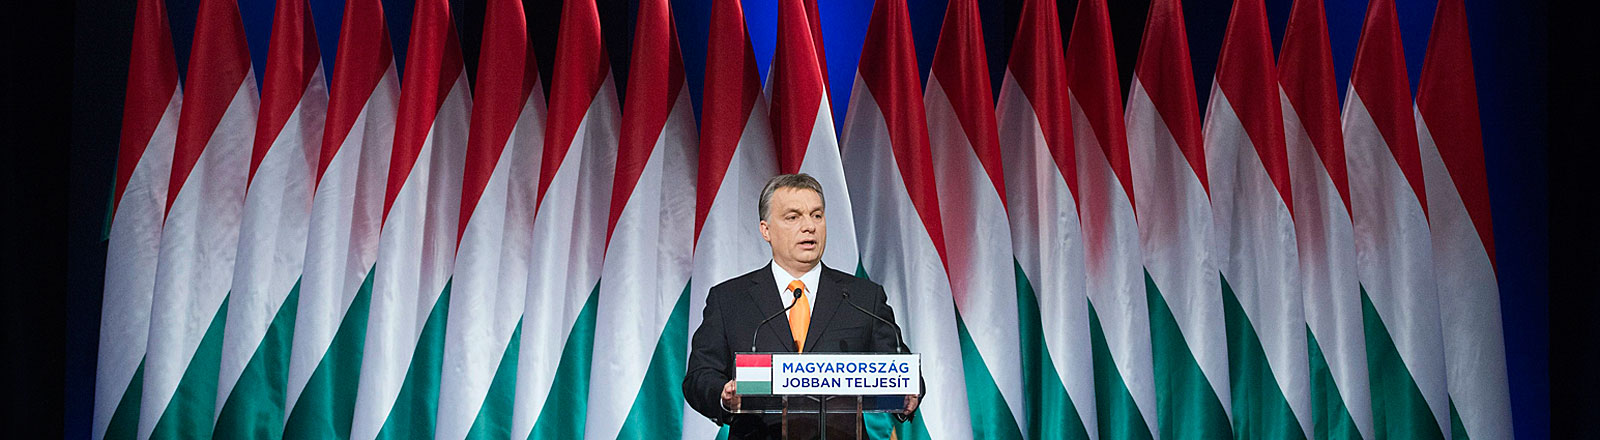 Viktor Orban bei einer Rede in Budapest